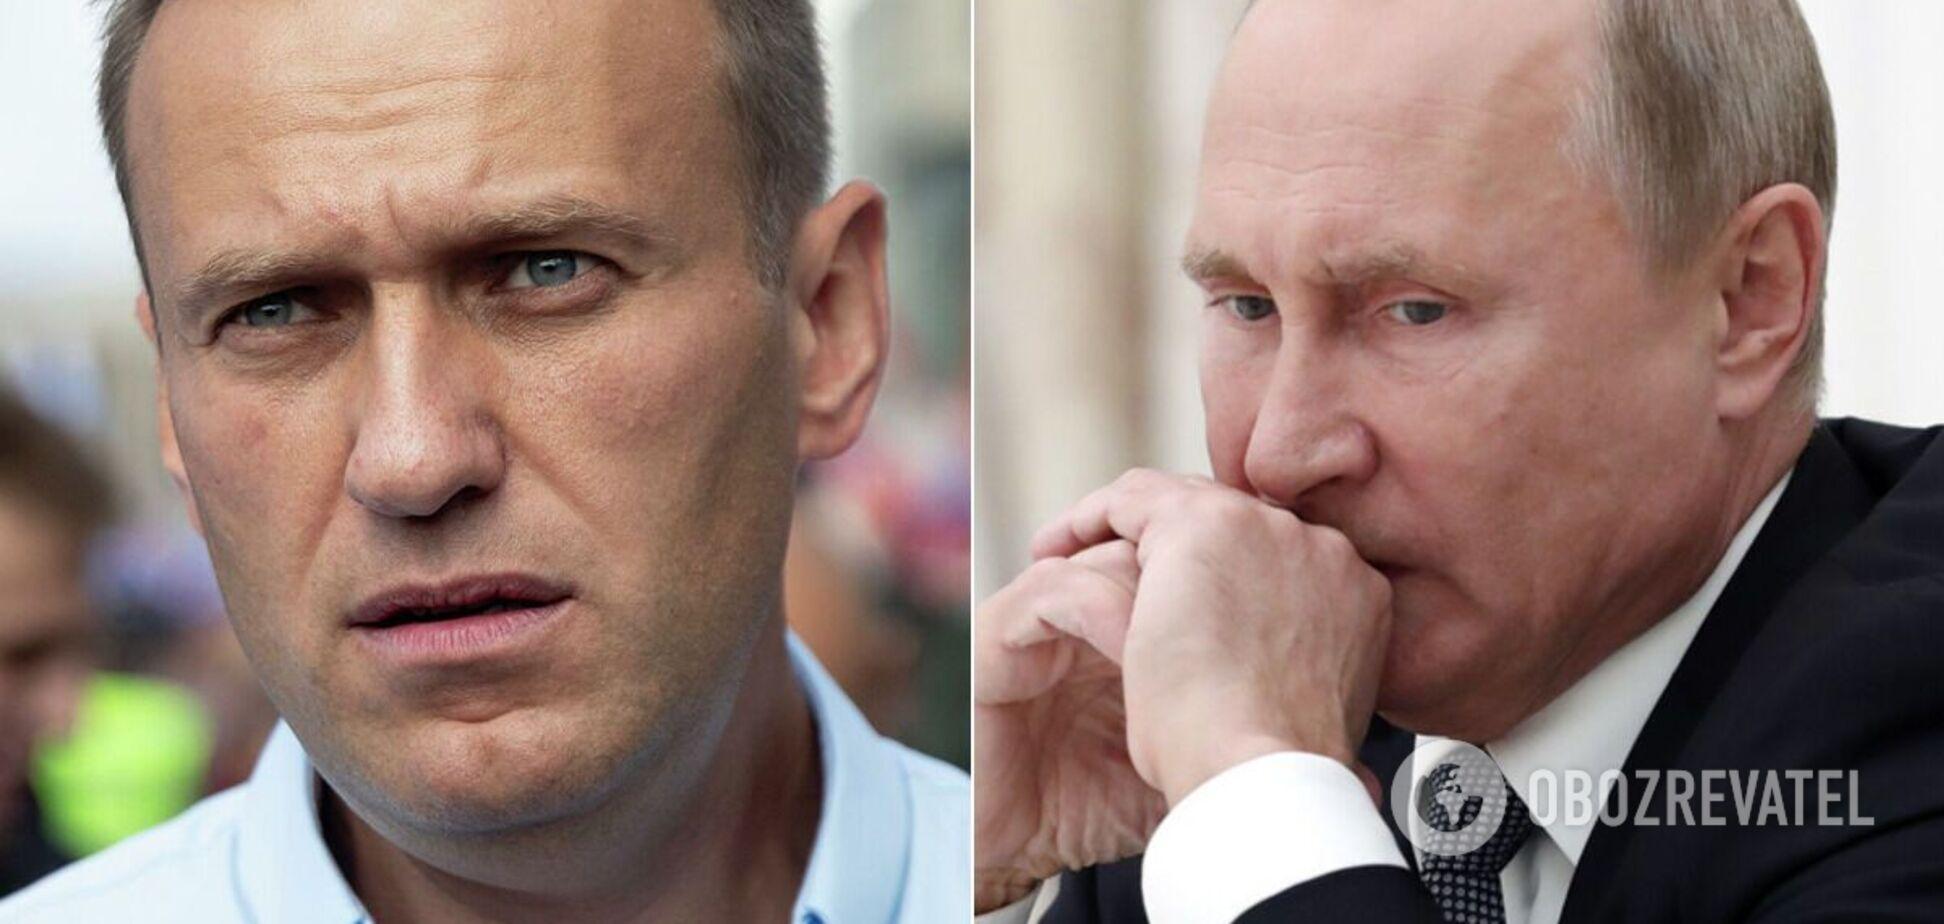 Путину станет совсем плохо, или Навального лучше отпустить